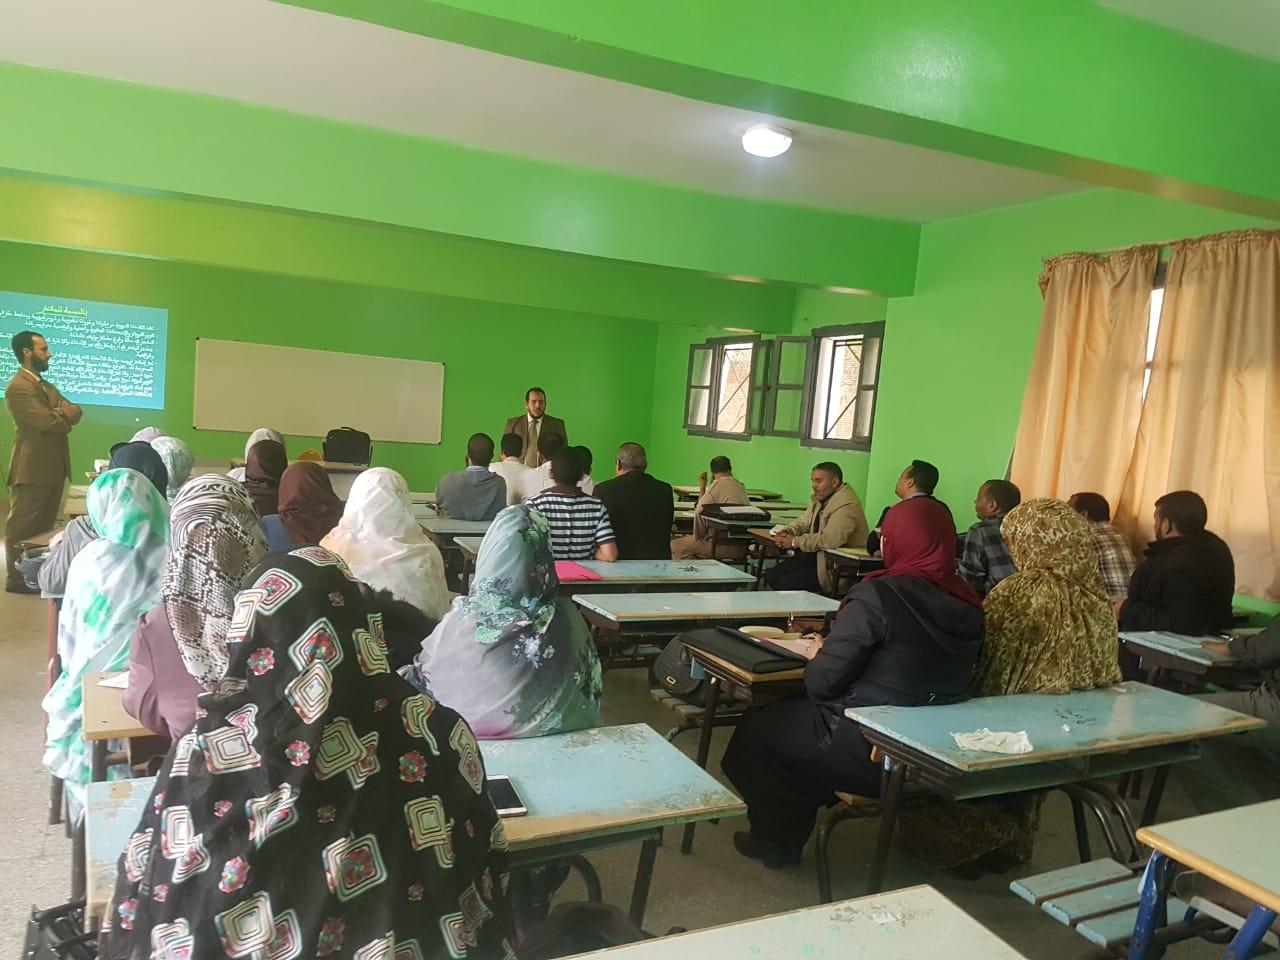 العيون:لقاء تواصلي لفائدة مدرسي ومدرسات مادة التربية الإسلامية من تاطير مفتشي المادة بثانوية محمد الخامس